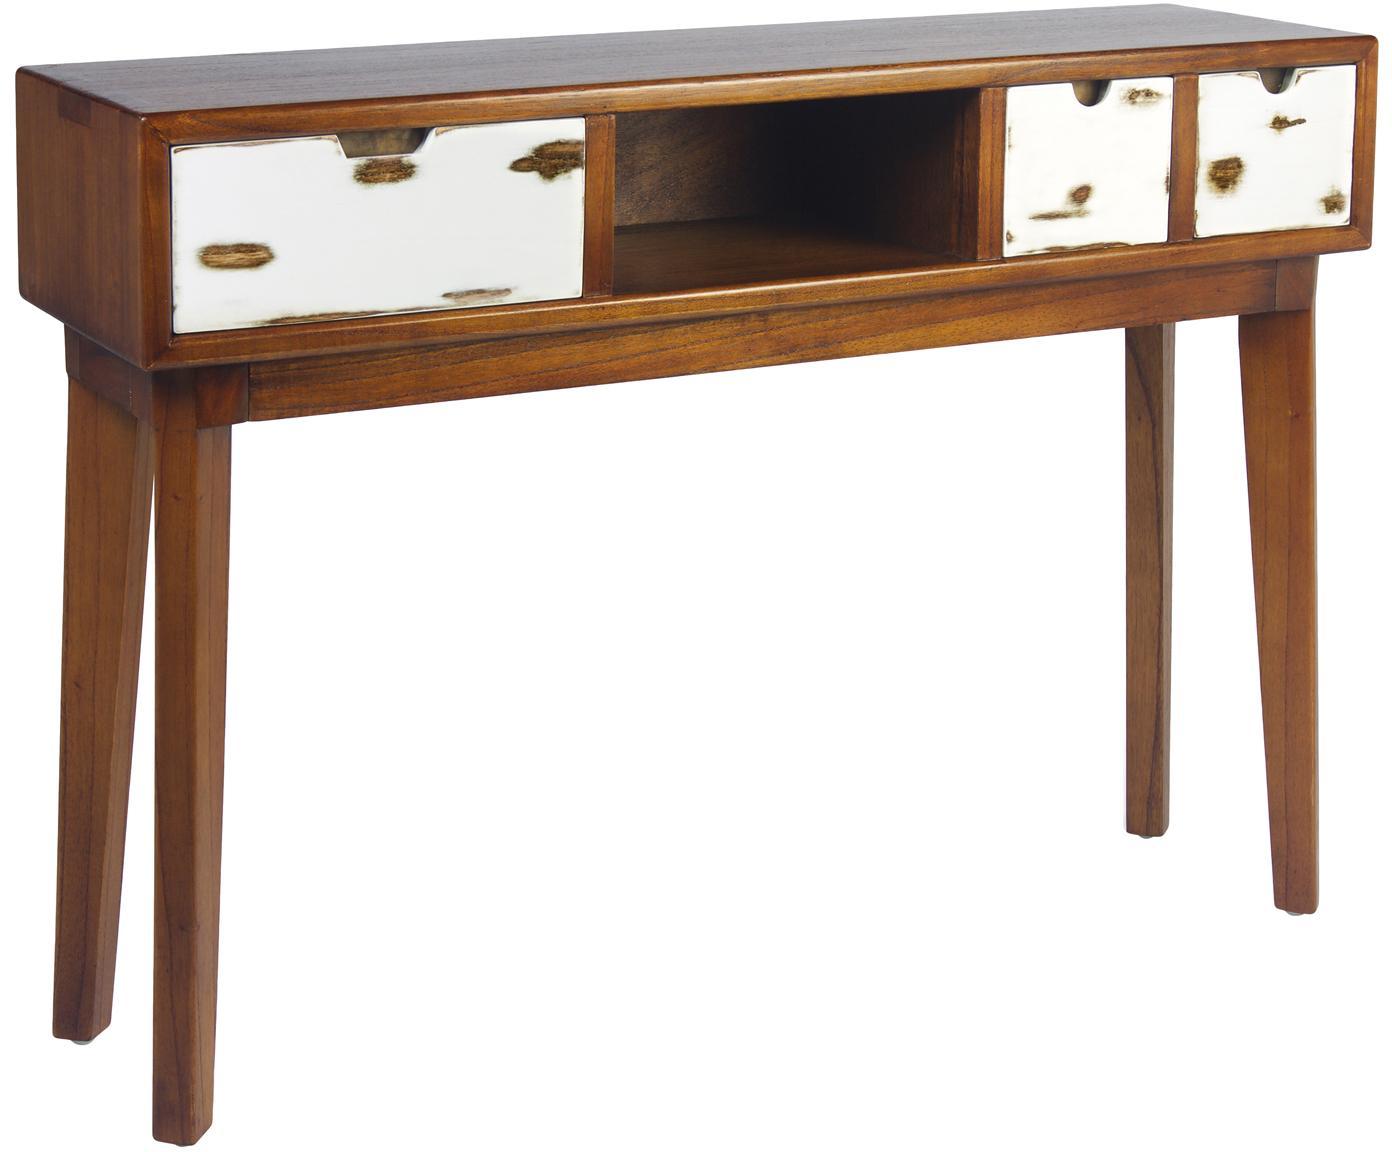 Consola artesanal de madera maciza Nordic, Marrón, An 110 x Al 80 cm